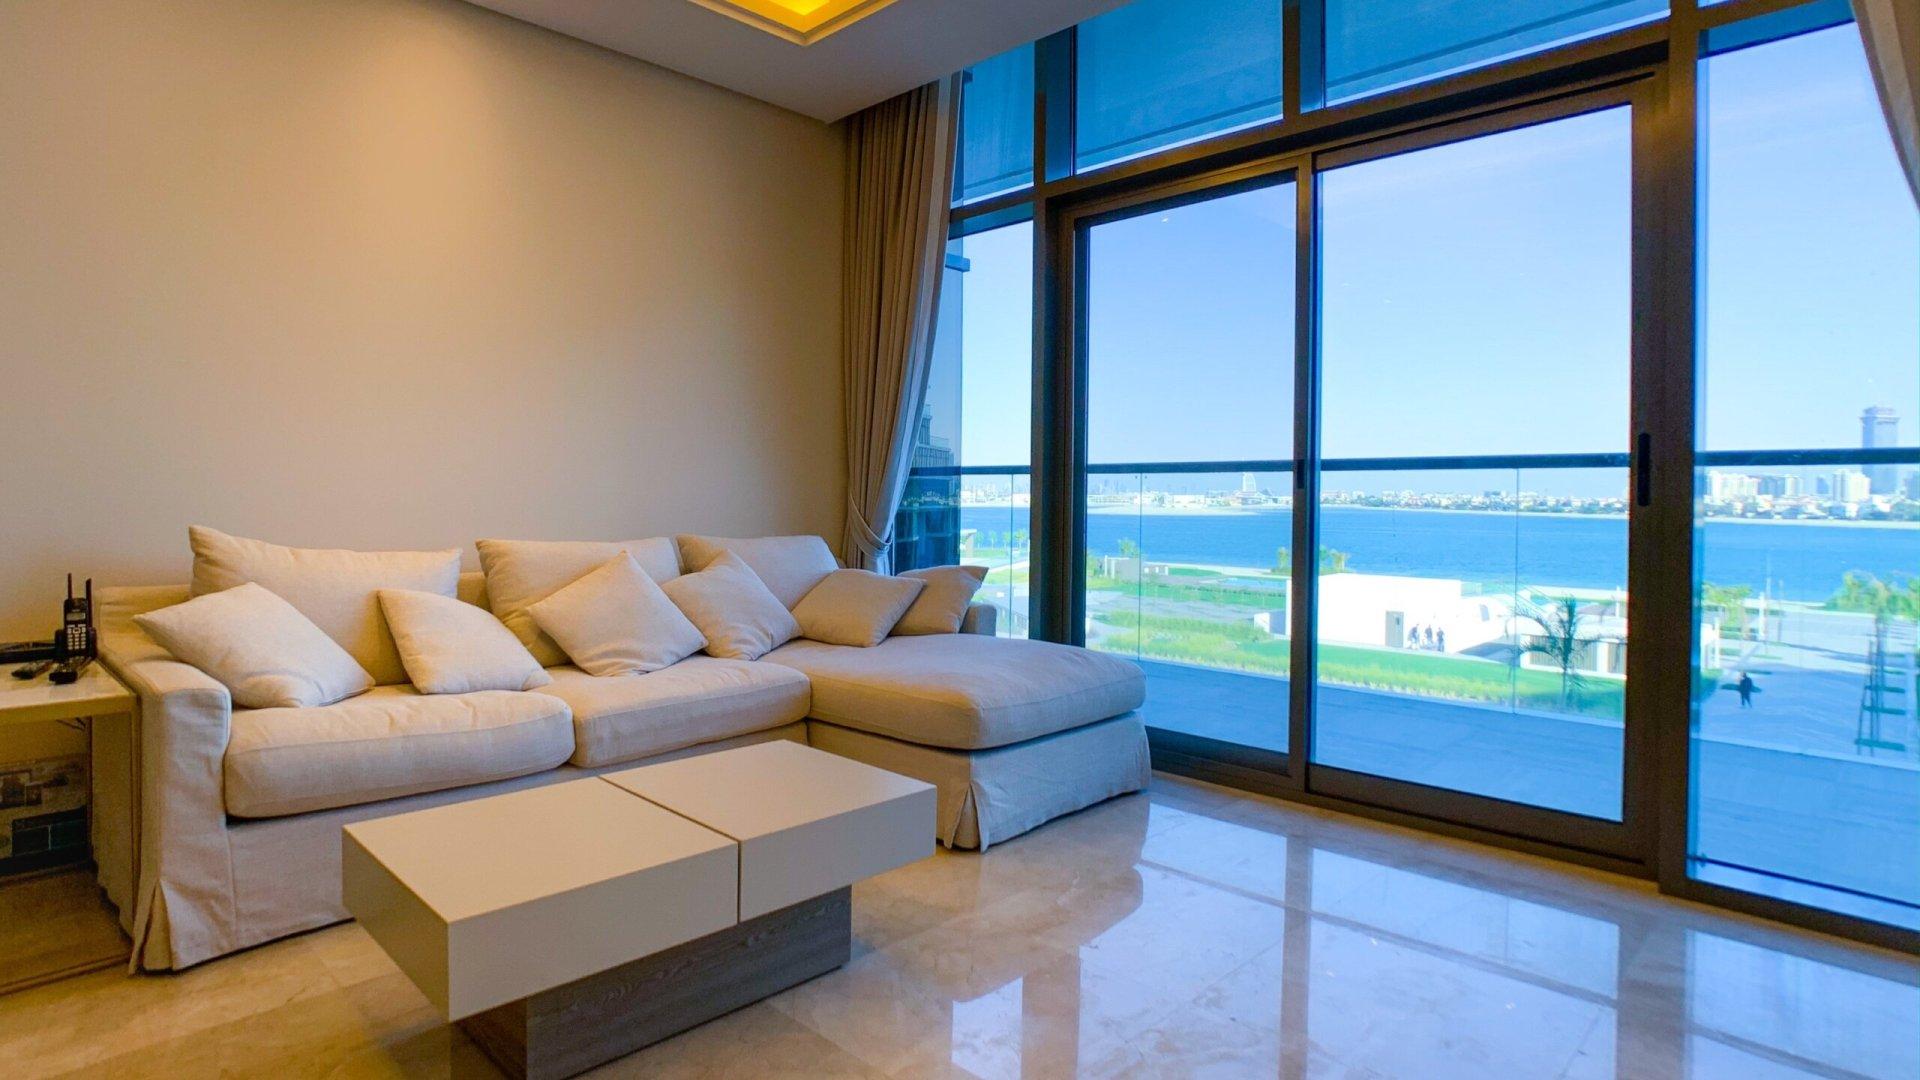 Apartamento en venta en Dubai, EAU, 1 dormitorio, 126 m2, № 24478 – foto 1